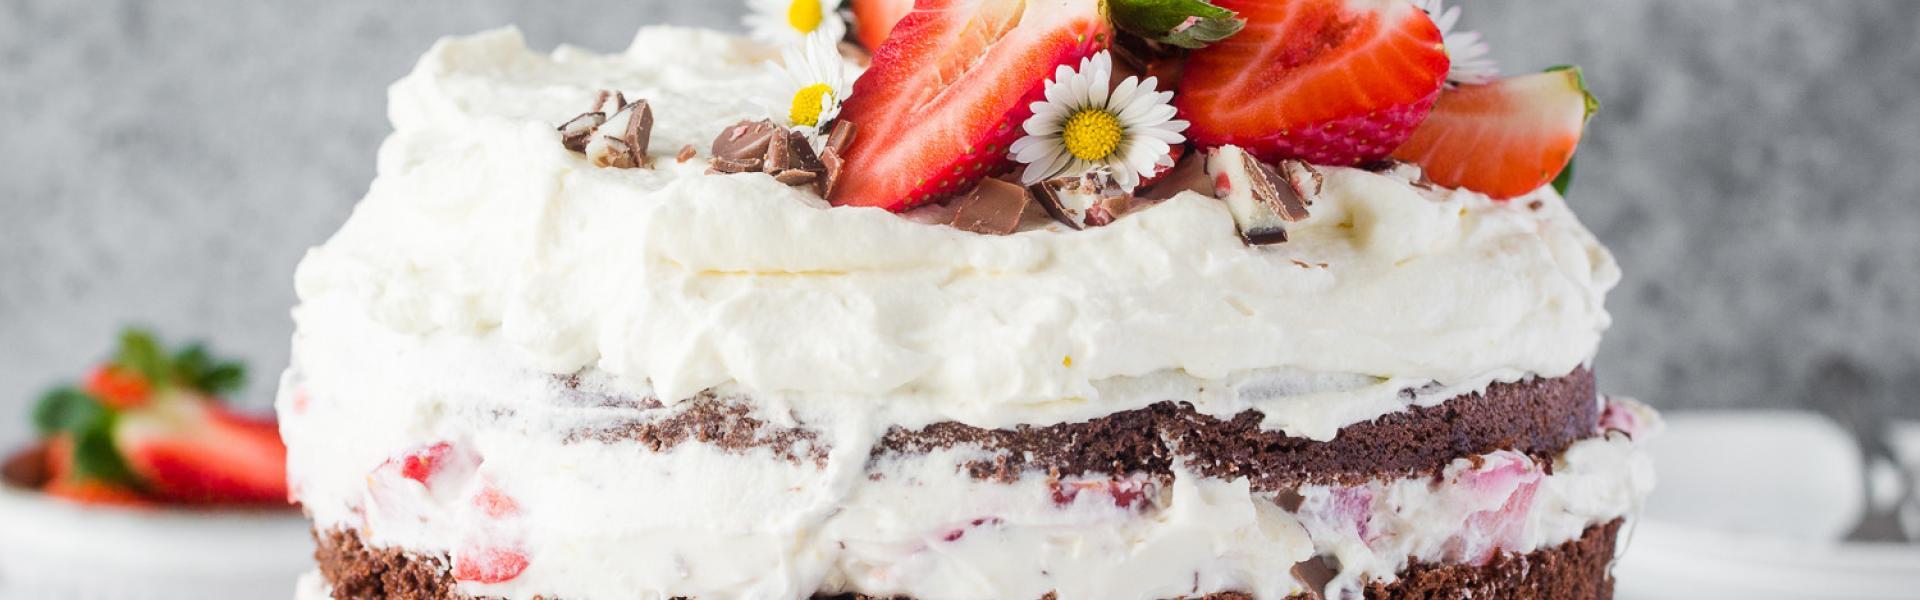 Yogurette-Torte auf weißer Tortenplatte mit Erdbeeren und Sahne dekoriert.